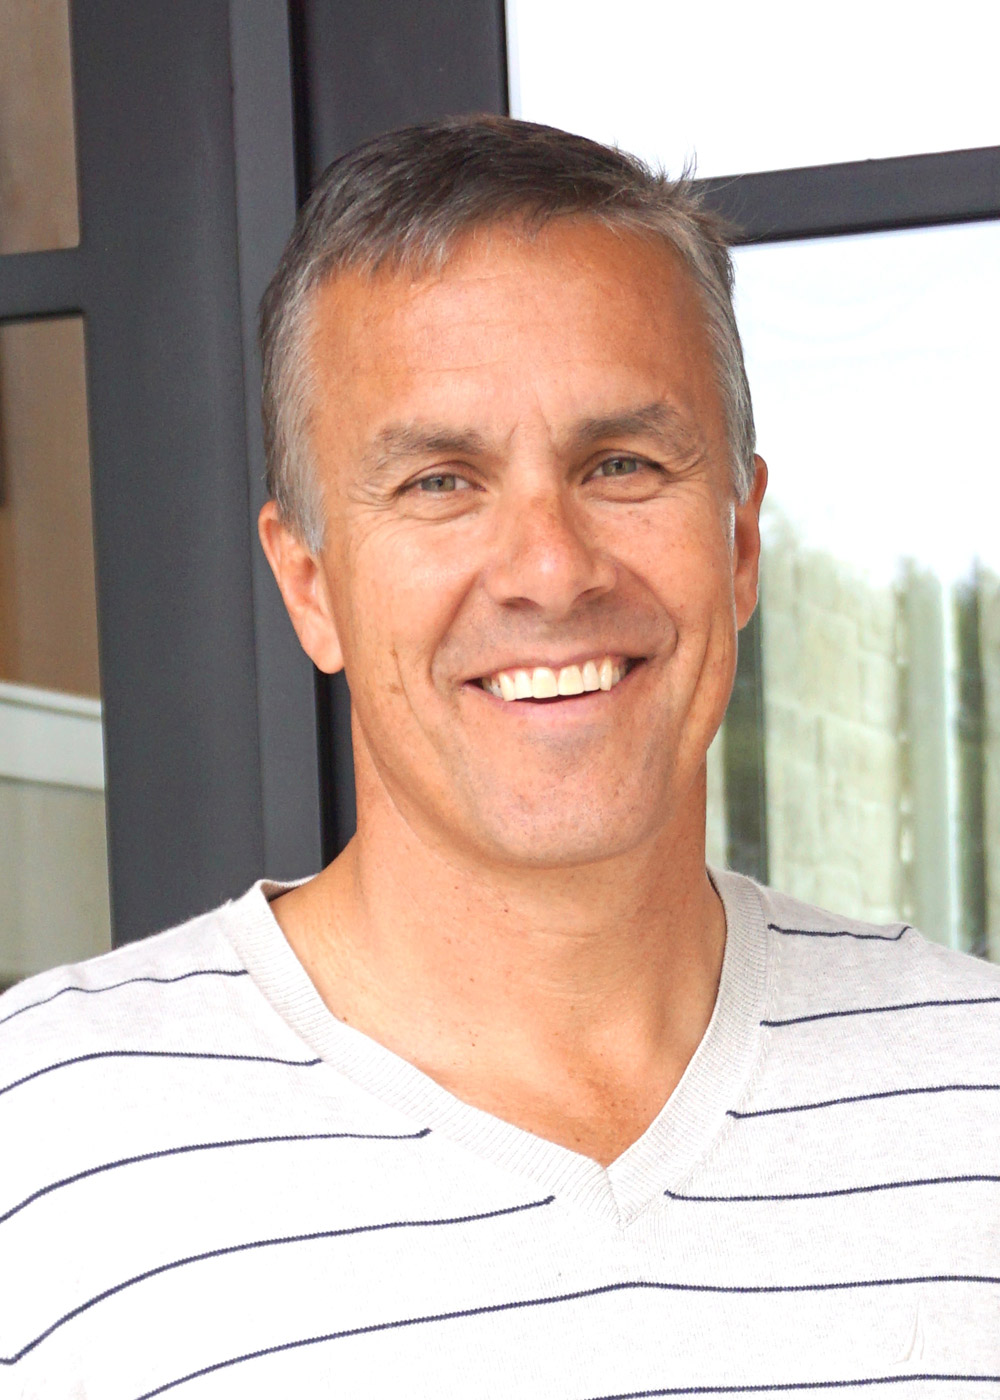 Ray Stadler - Founder of Lifestyle by Stadler